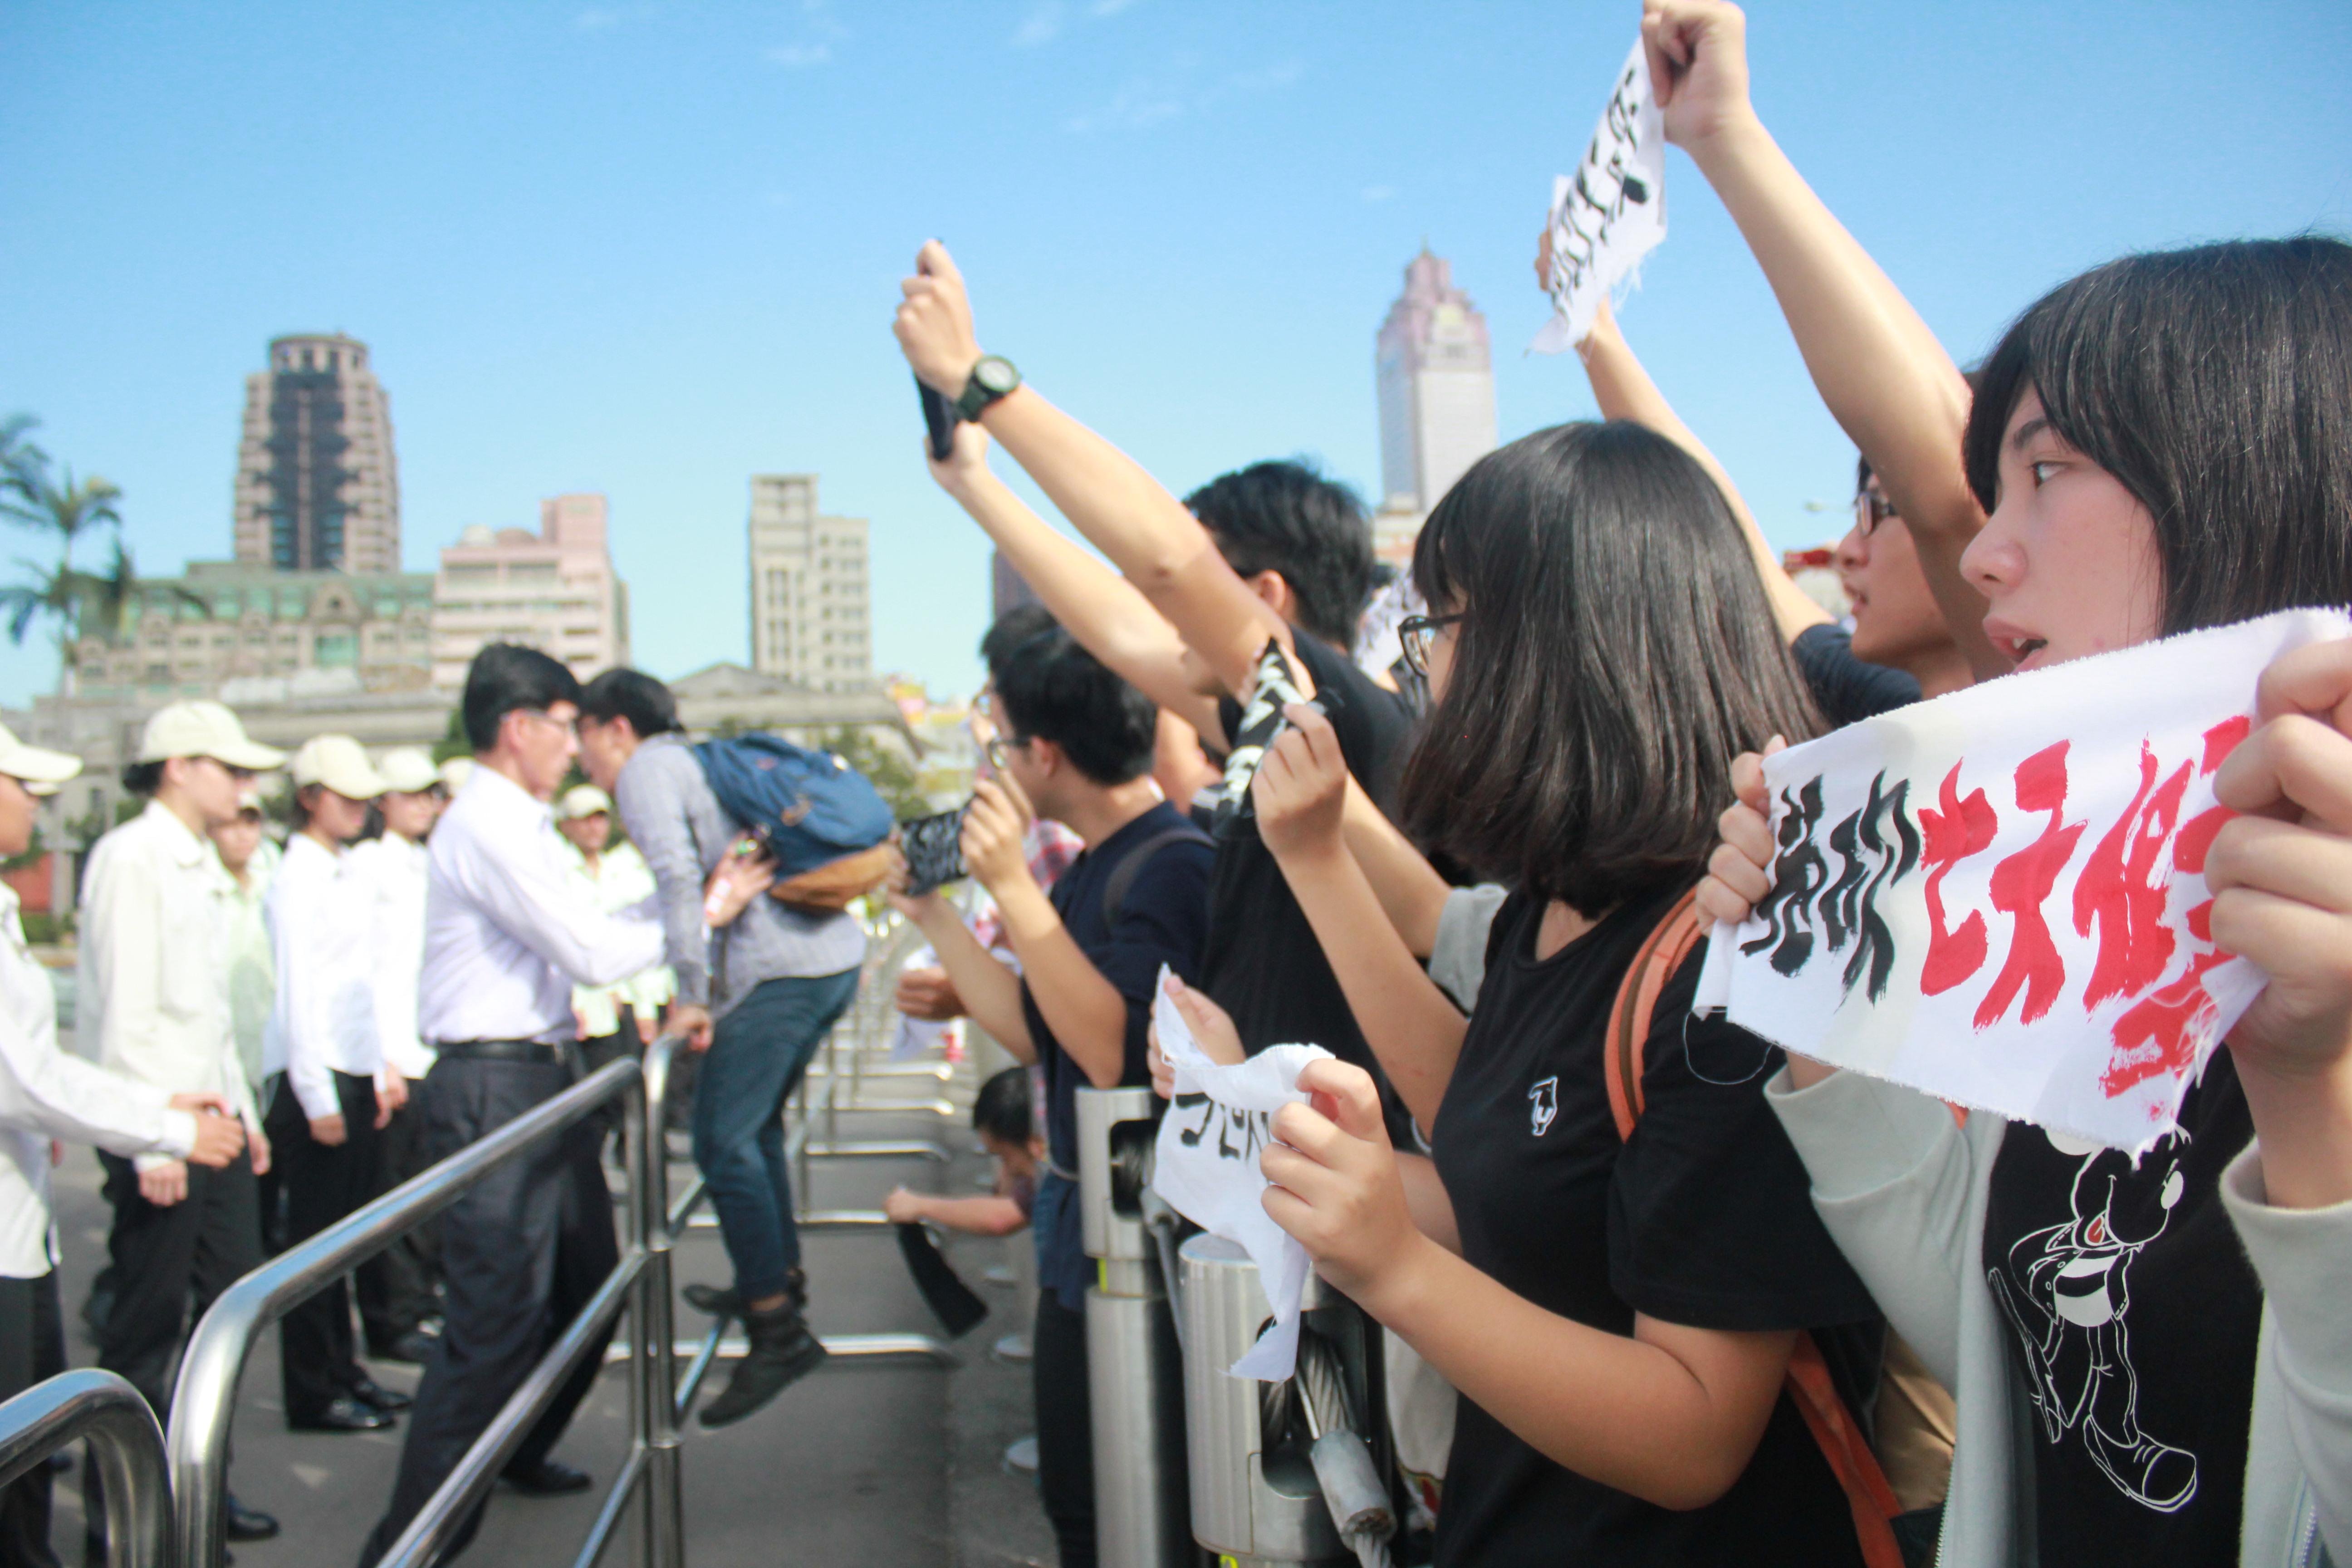 青年试图冲入总统府,与总统府特勤和警方发生数度冲突。(摄影:张宗坤)